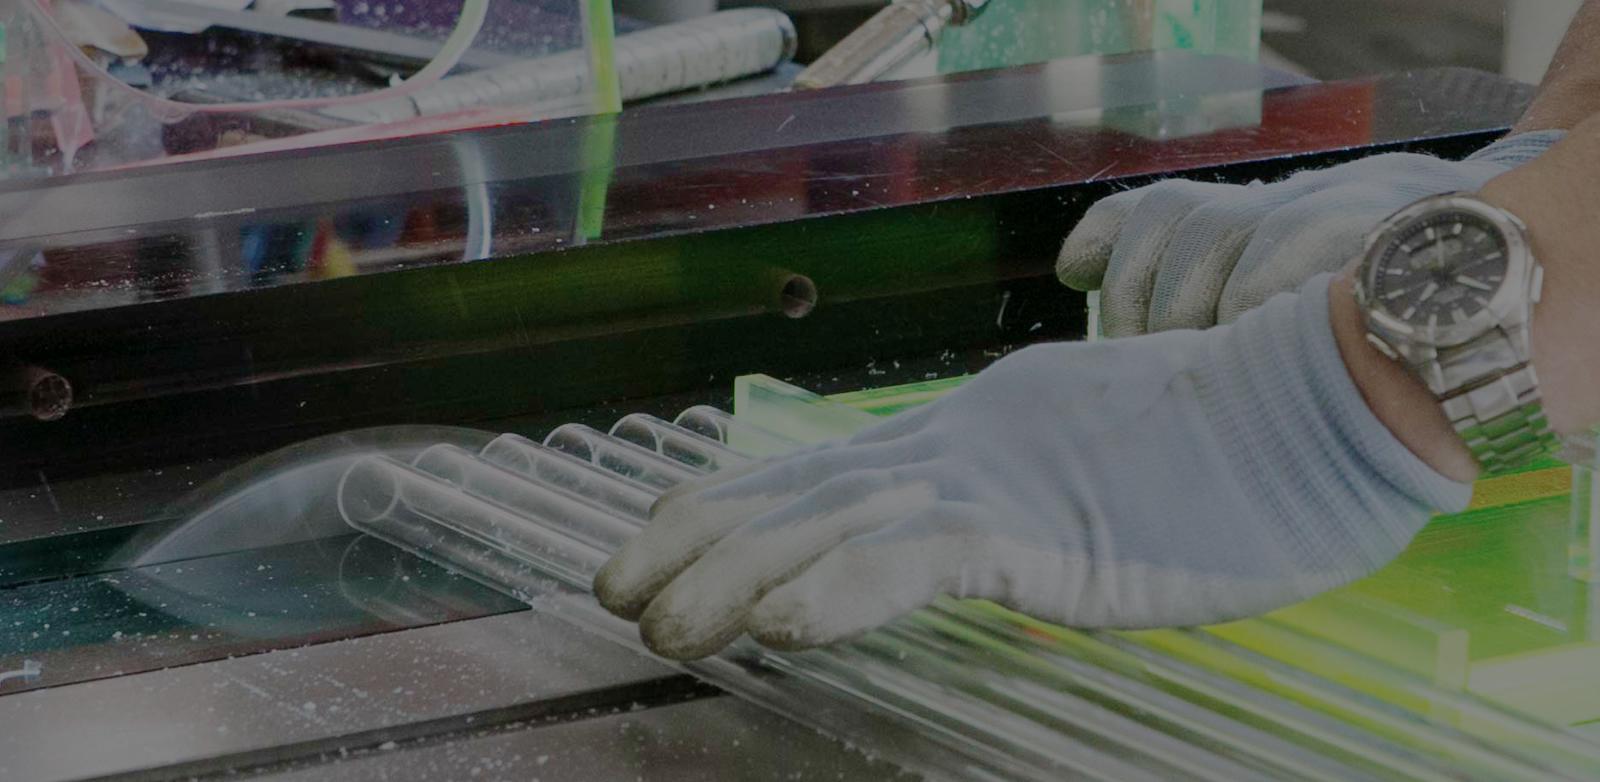 ディスプレイ量産工場について